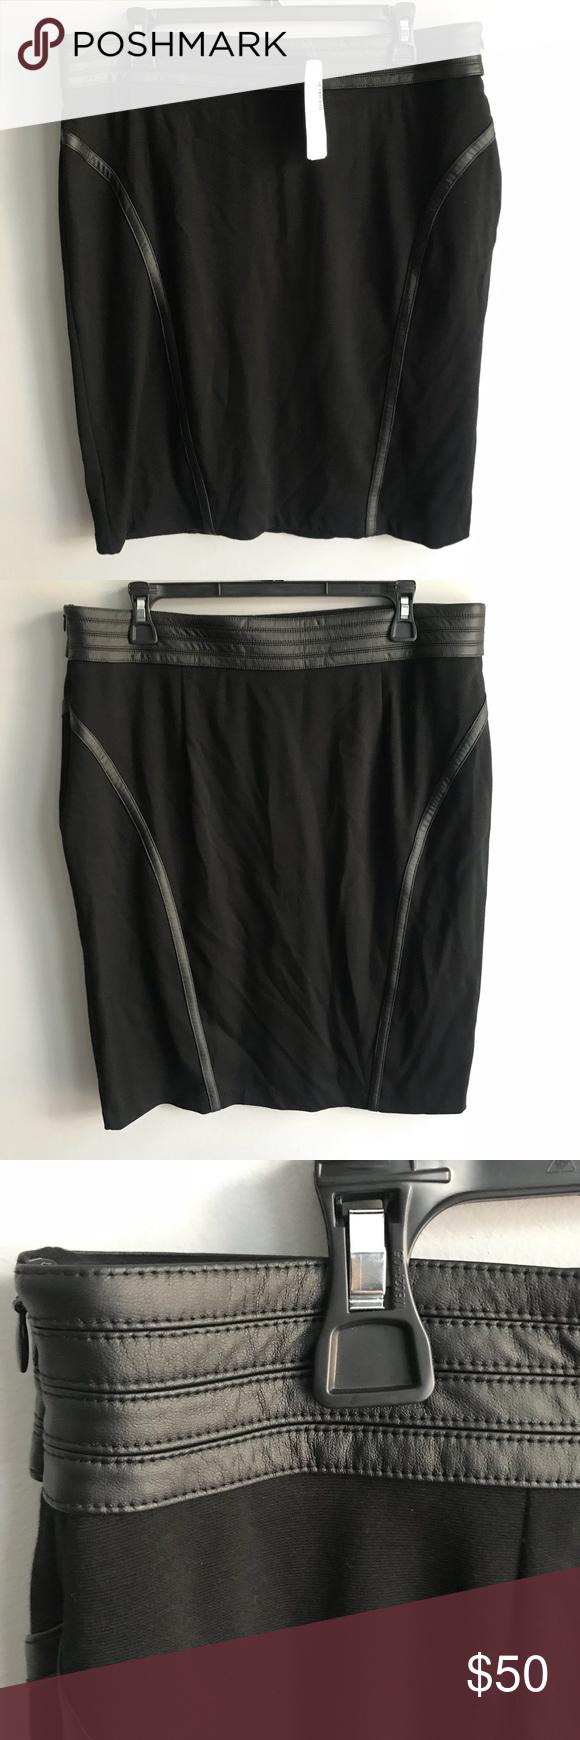 06a005ea73 Chico's Faux Leather Trim Ponte Black Pencil Skirt Chico's Faux Leather  Trim Ponte Black Skirt Size